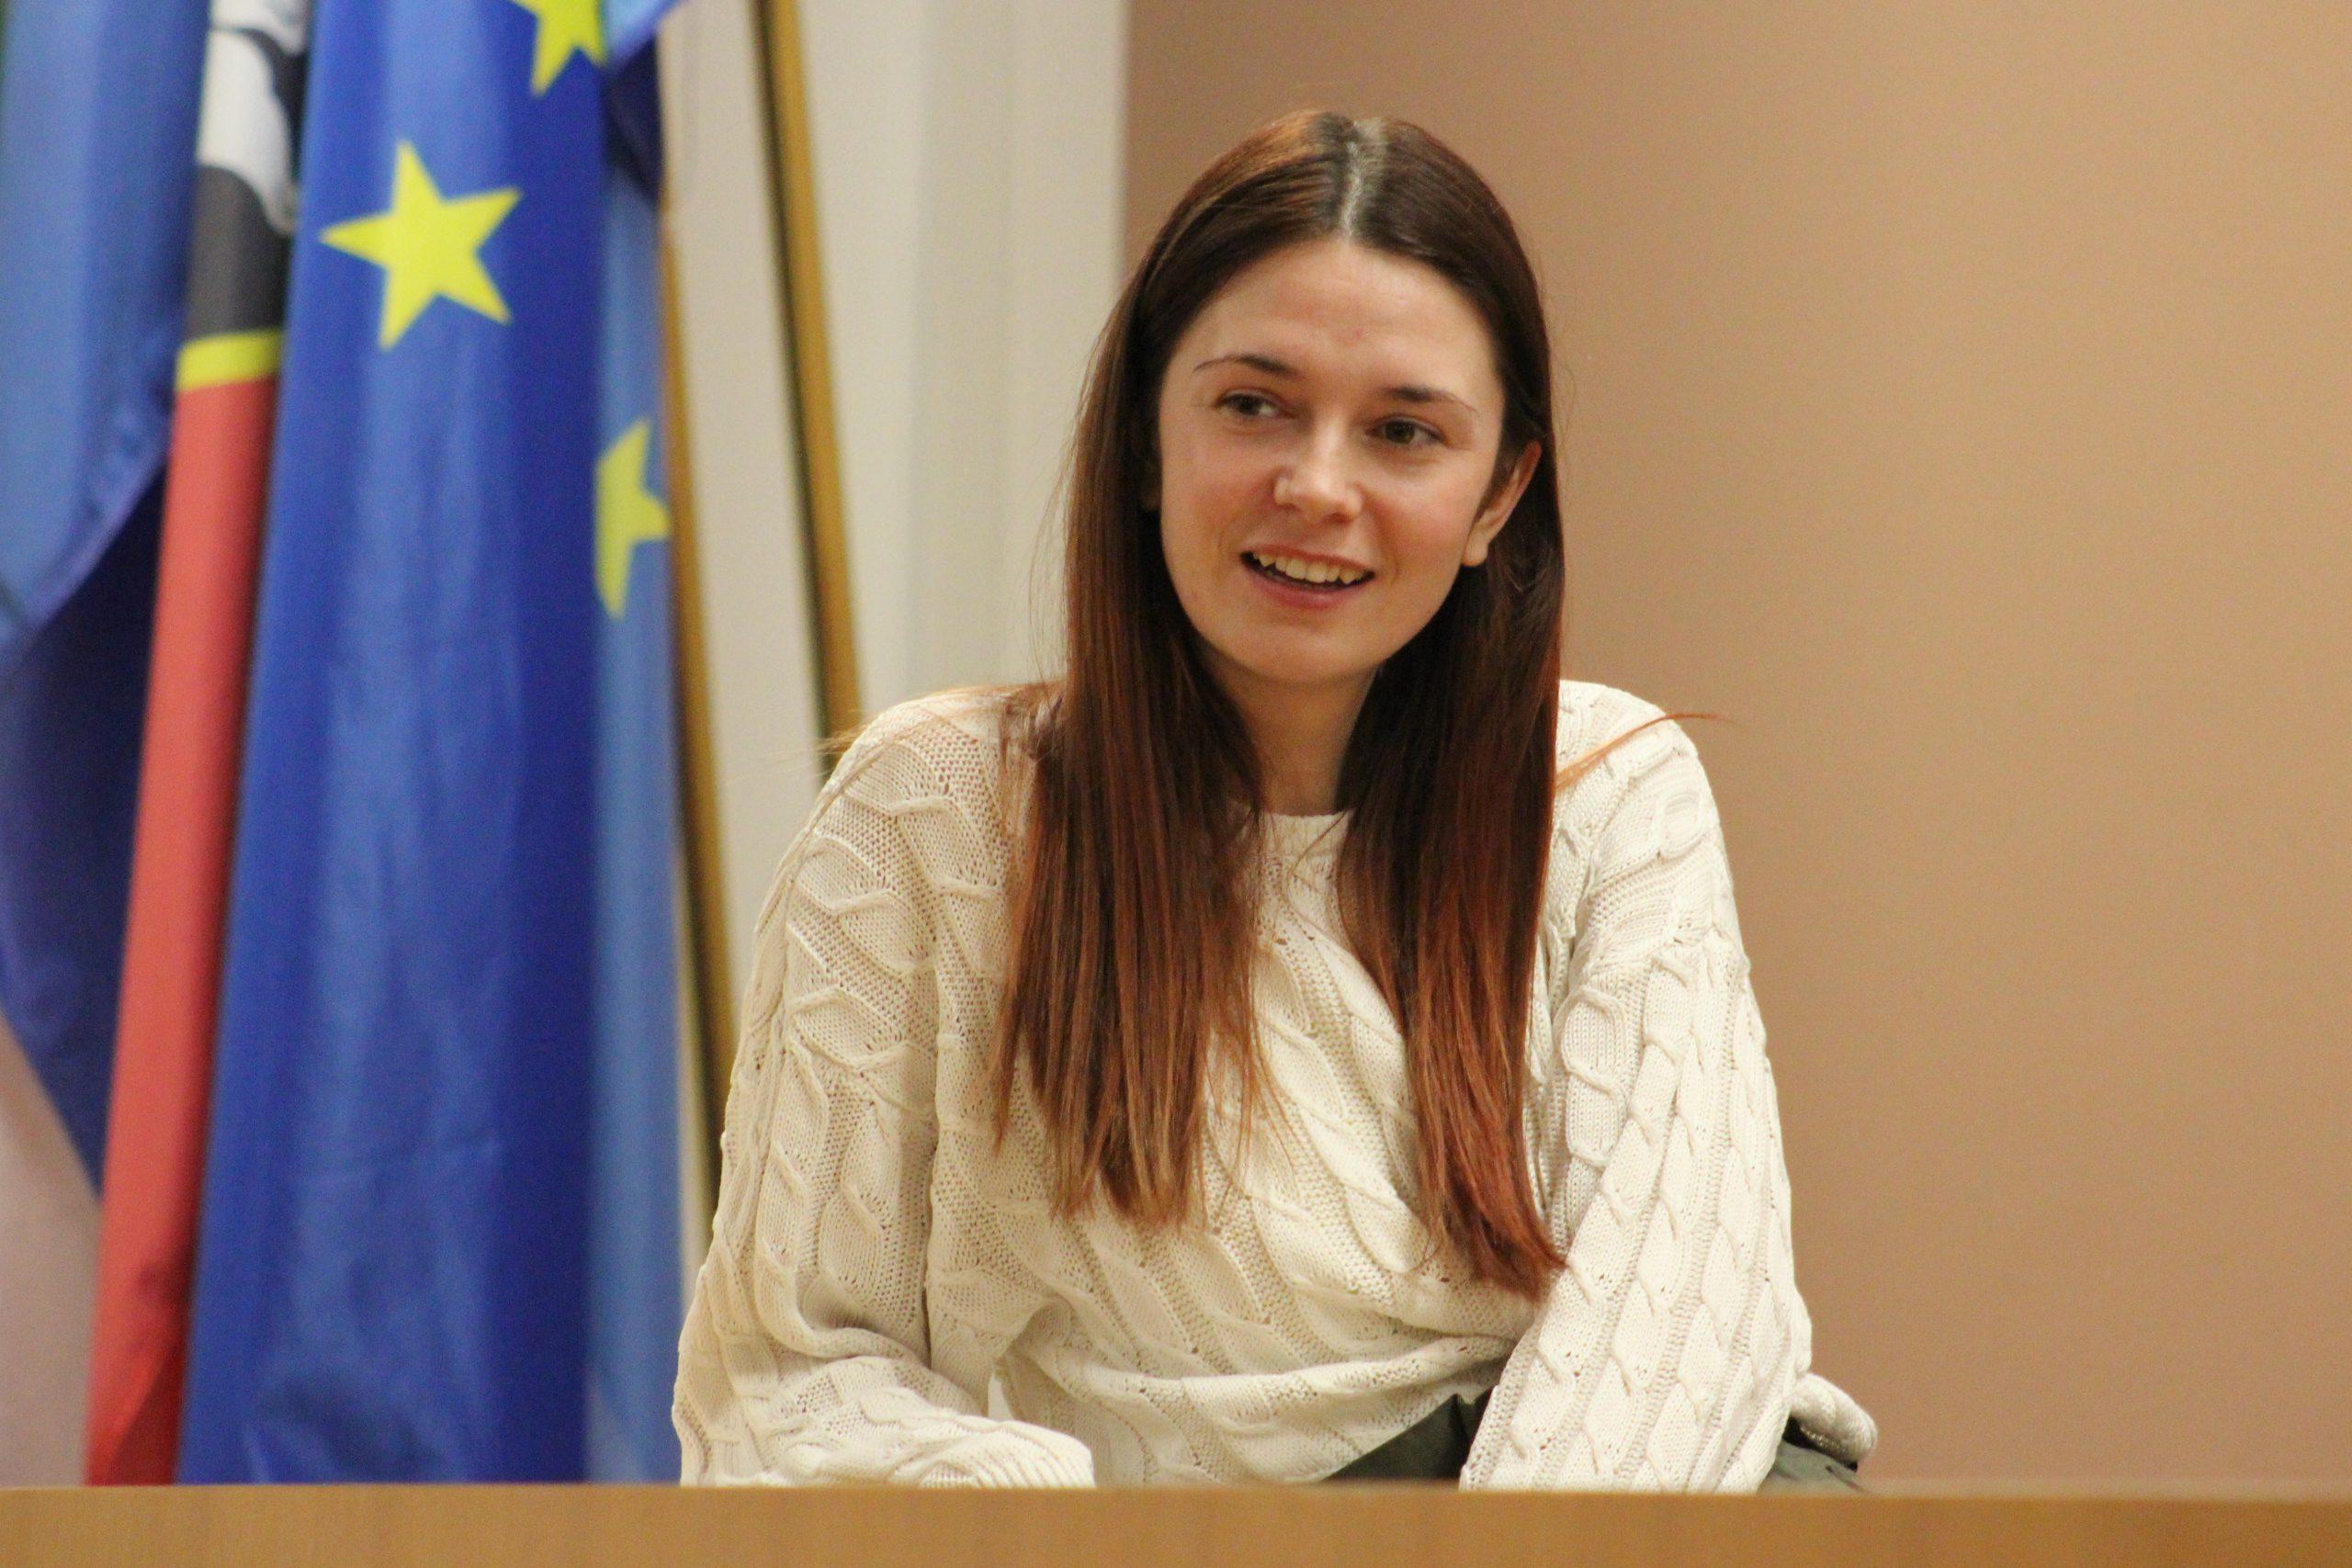 Katarina Drvodelić: Mladi stvarno vole raspravljati, ako im se za to da prostora